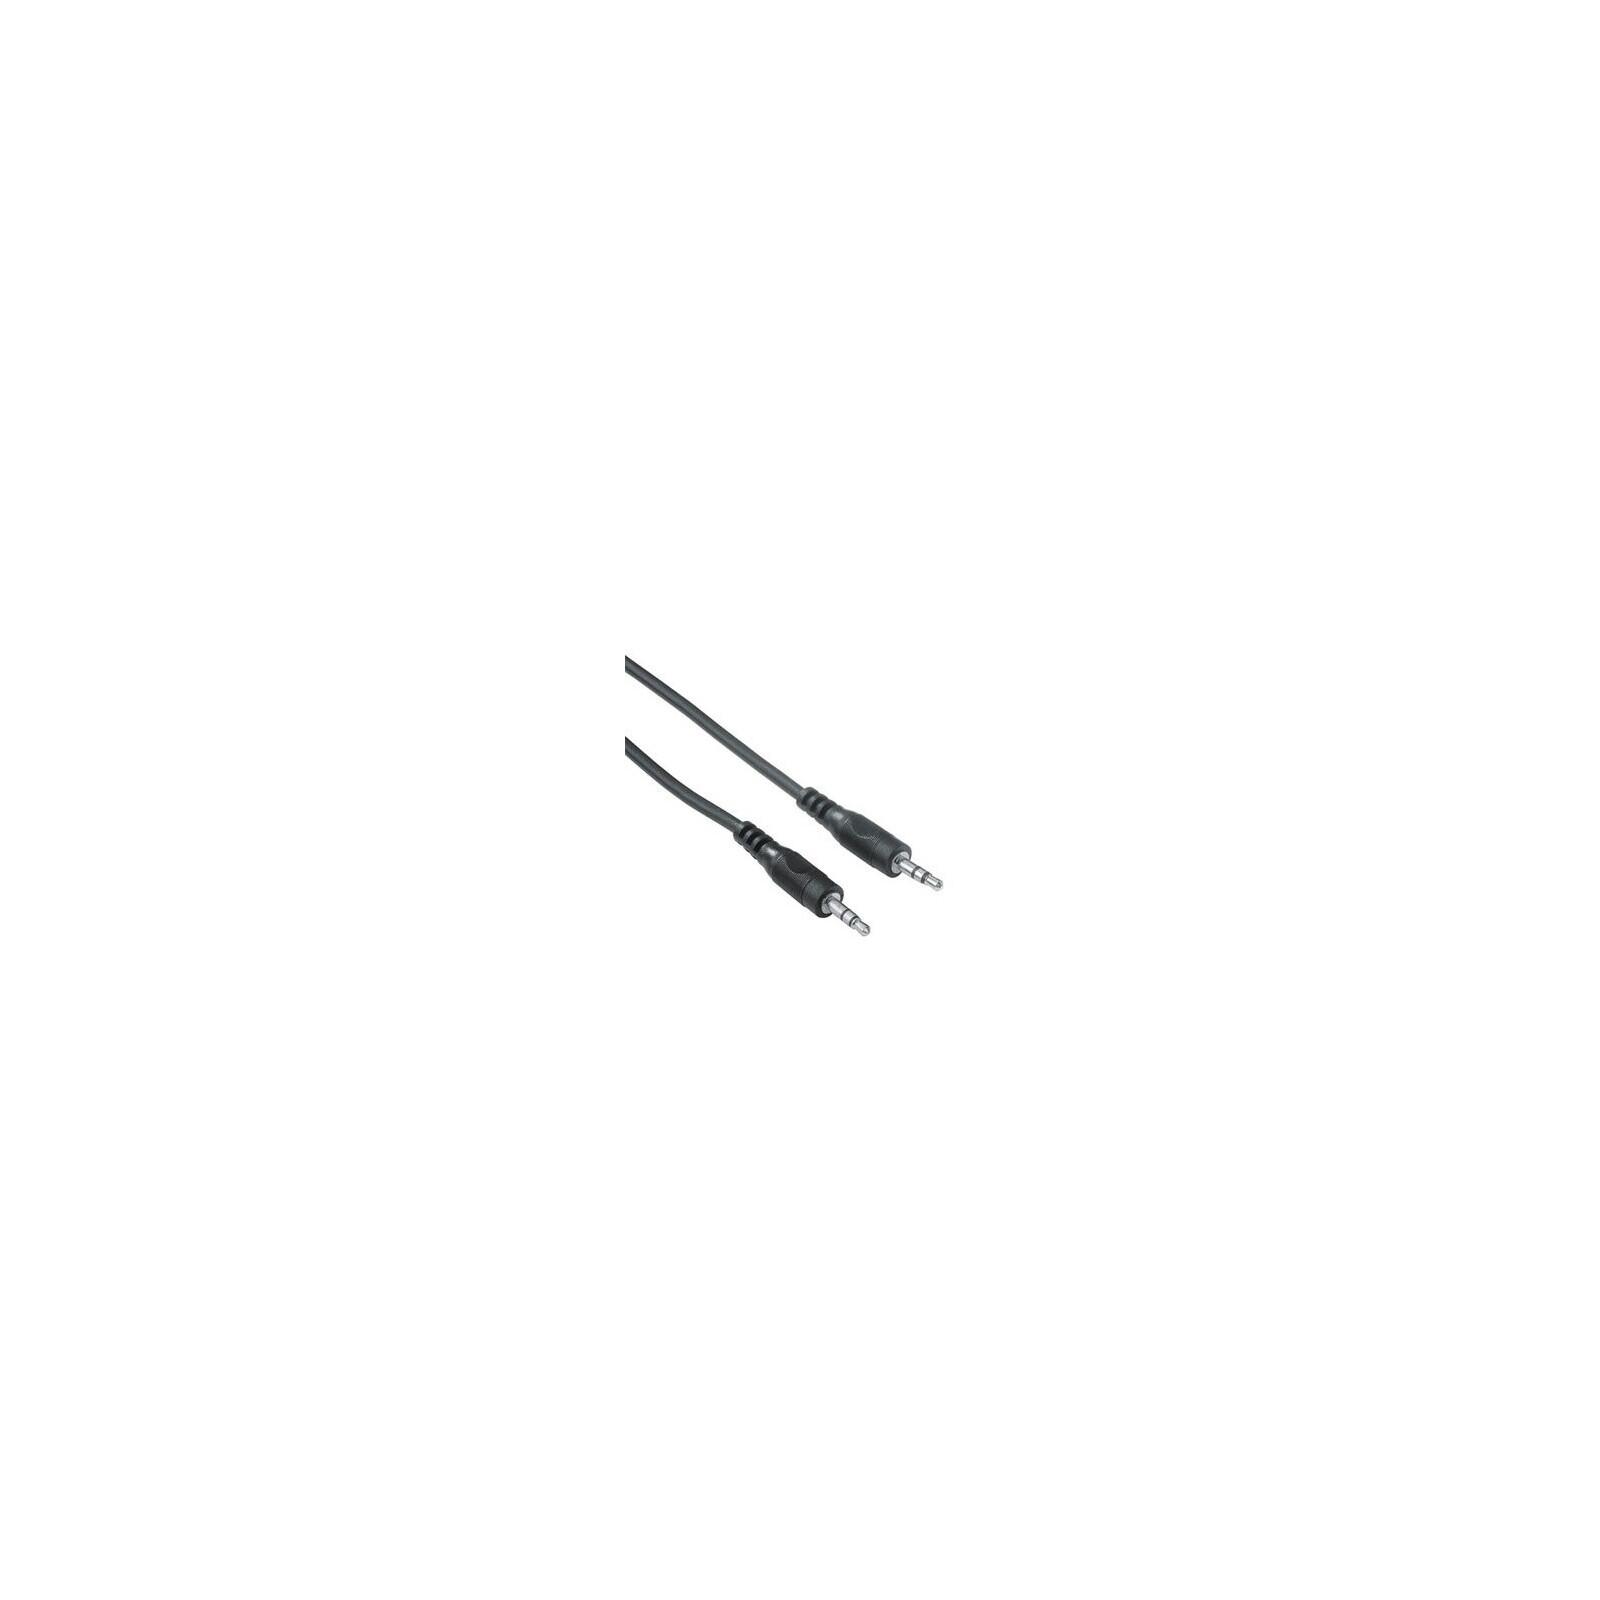 Hama 48912 3,5-mm-Klinken-Kabel, Stecker - Stecker, Stereo,